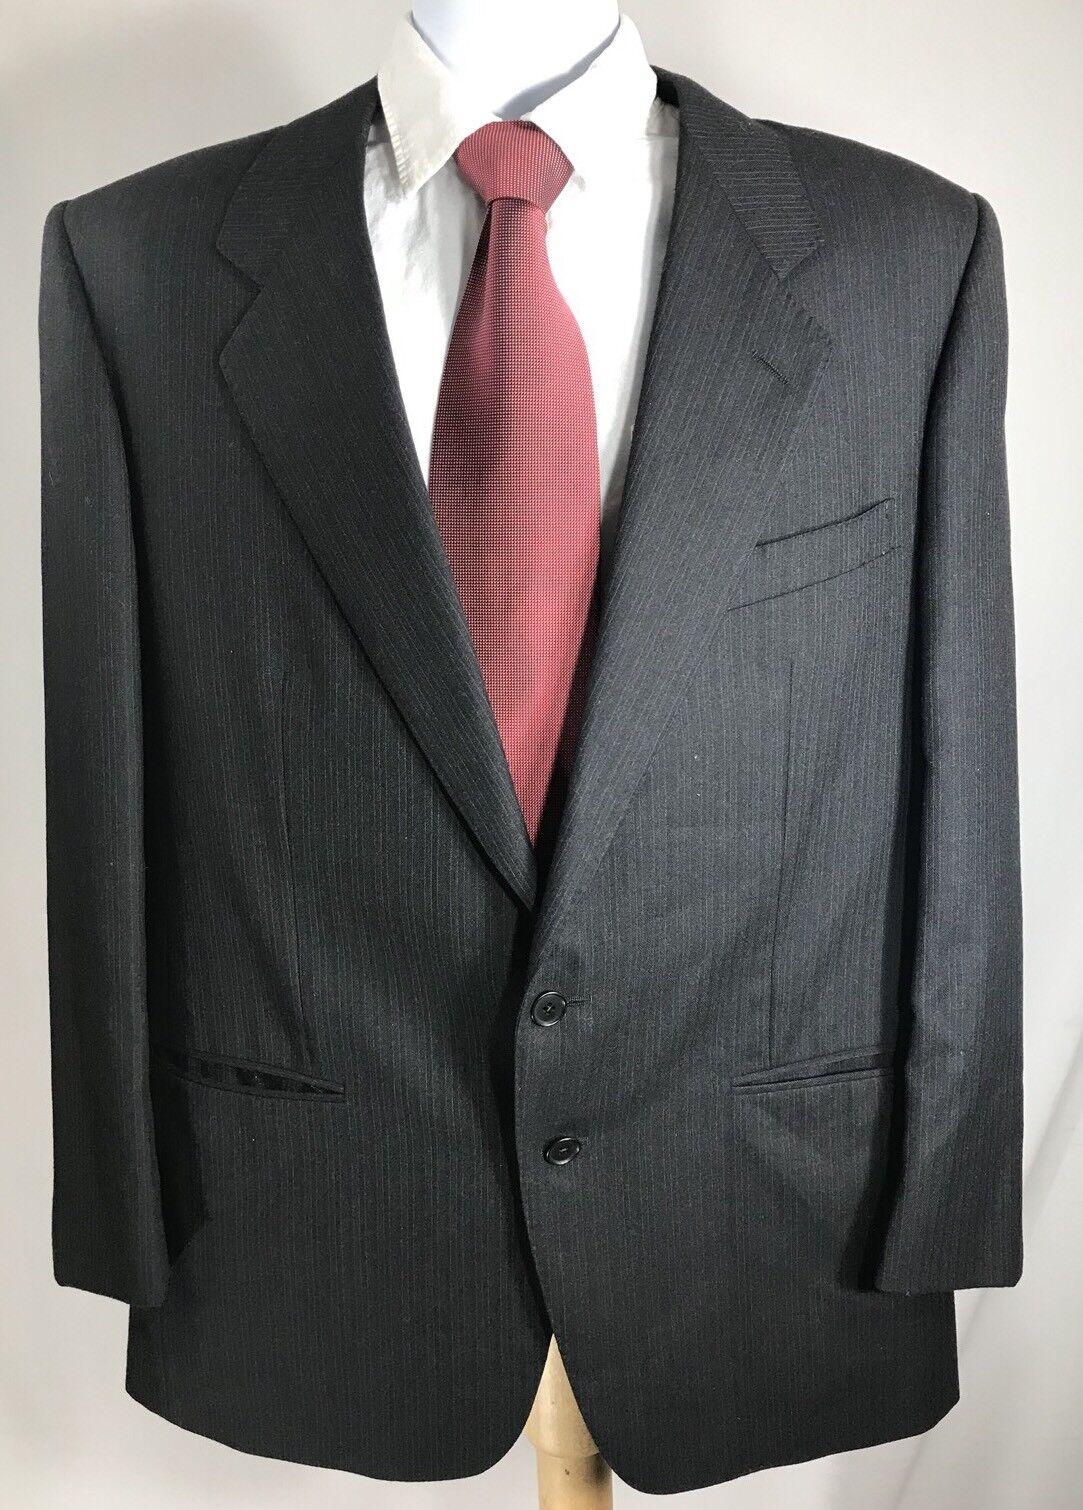 Ermenegildo Zegna Two Button Men Wool Blazer Coat Size US 42 Made In Spain